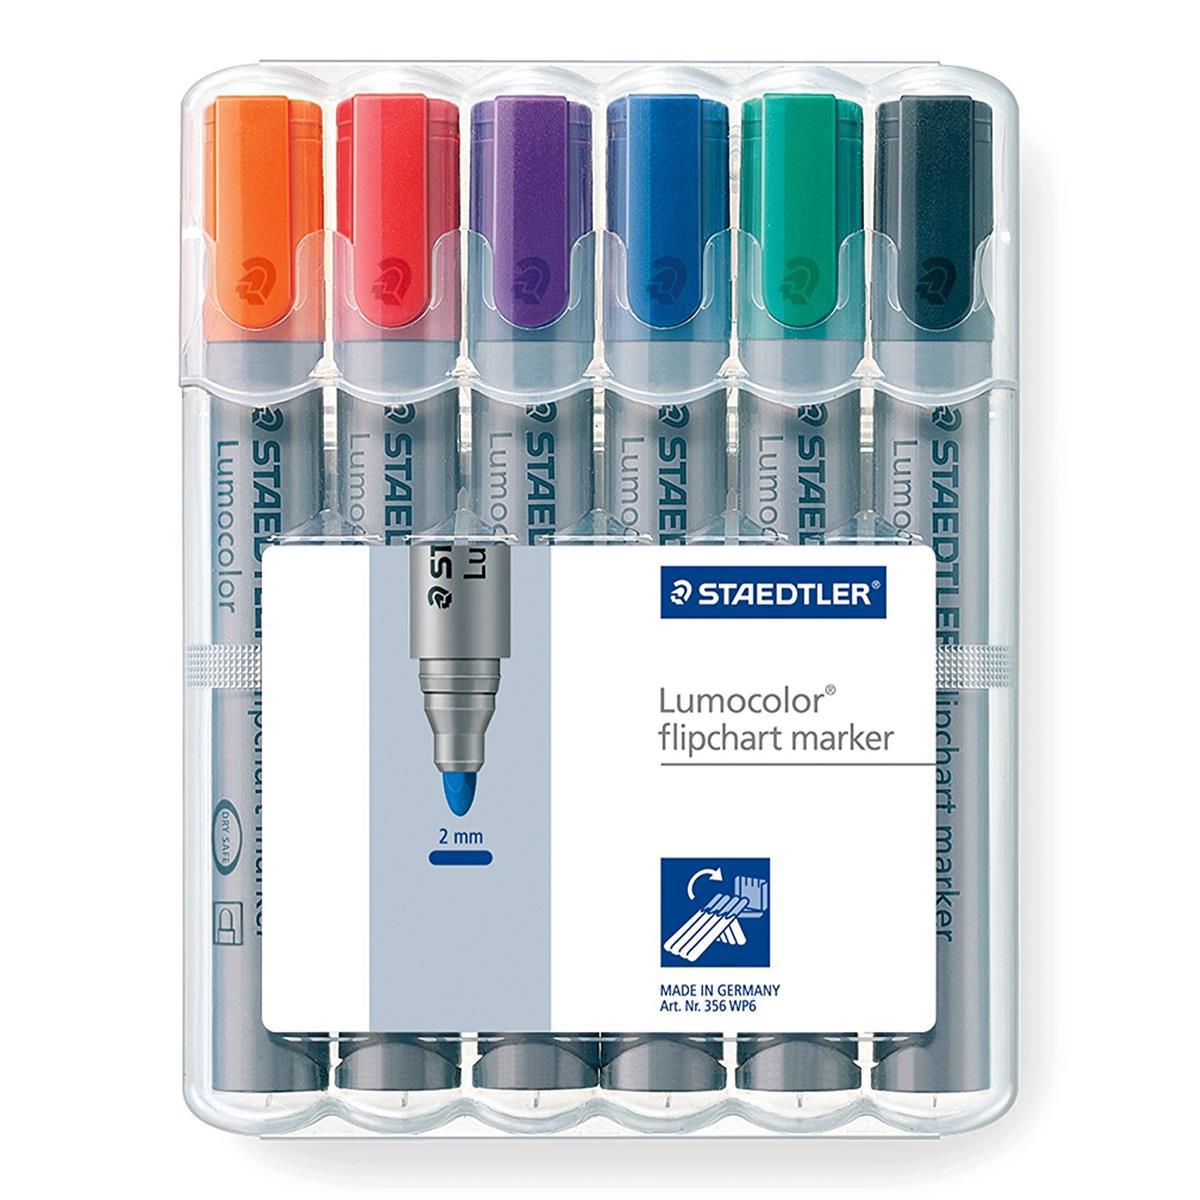 Staedtler Lumocolor Flipchart Markers Dry-safe Bullet Tip 2mm Wallet Asstd Colours Ref 356WP6 Pack 6